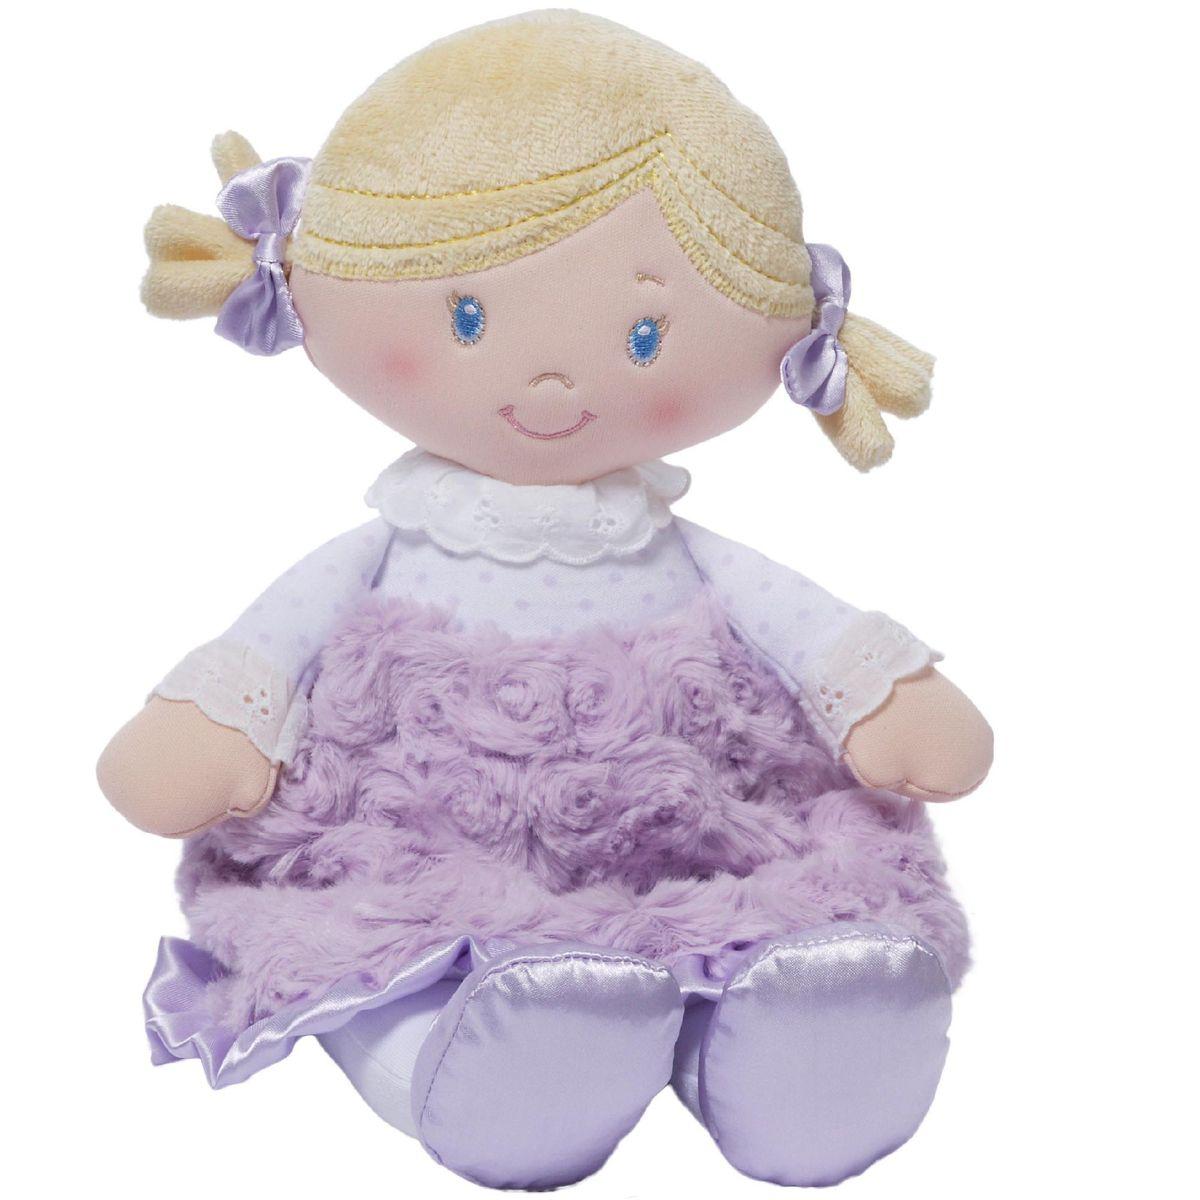 Gund Мягкая кукла Cece Doll4048407Милые, мягкие и безопасные, игрушки фирмы Gund отличаются реалистичным внешним видом, напоминающим настоящего питомца. Только посмотрите на эту милую мордашку, которая так приветливо смотрит на вас. Разве можно устоять перед её обаянием? Конечно нет, да и не нужно! Такая игрушка вызывает умиление не только у детей , но и у взрослых. Поэтому она станет отличным подарком не только ребёнку, но и друзьям!